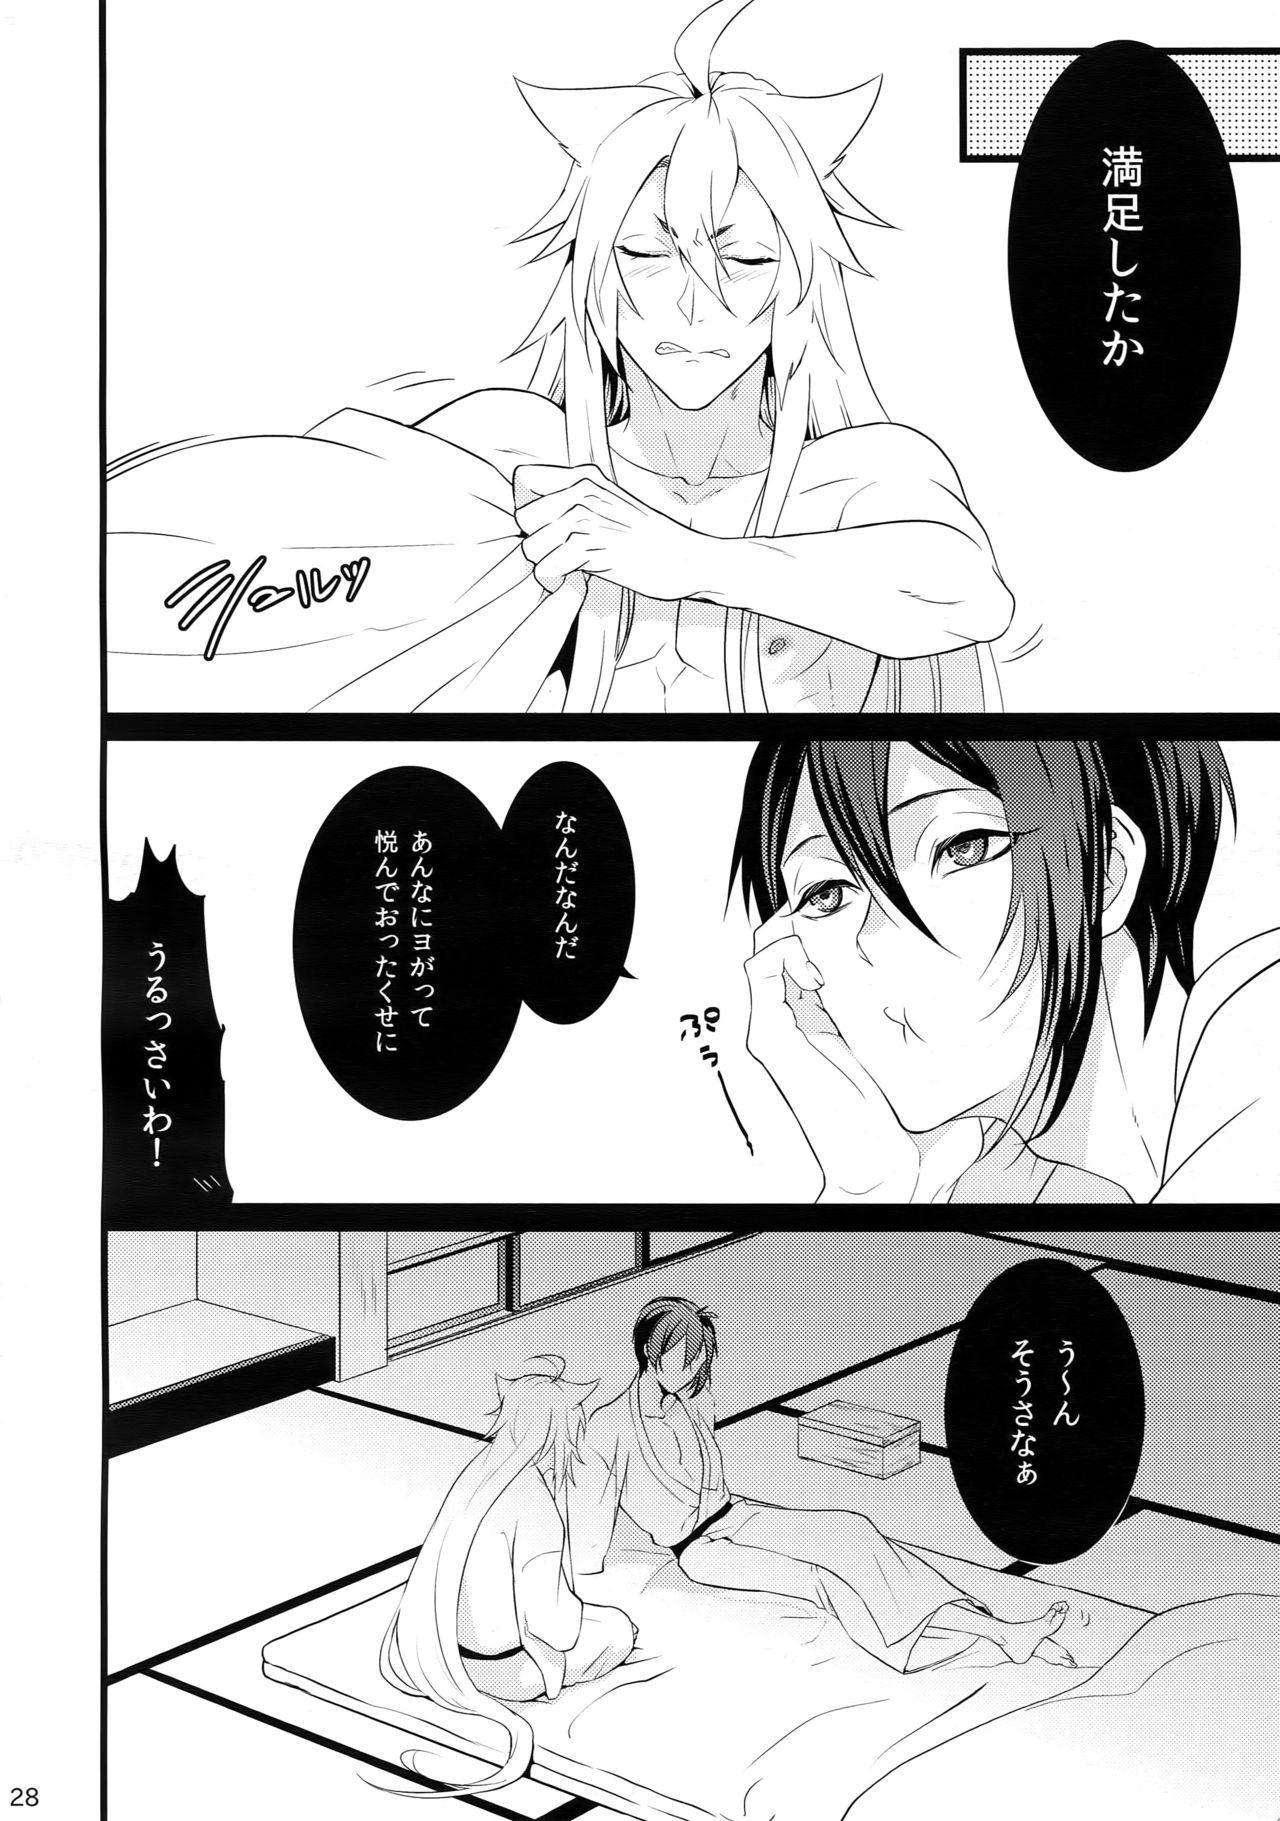 Chijou no Sata mo Yome Shidai 26